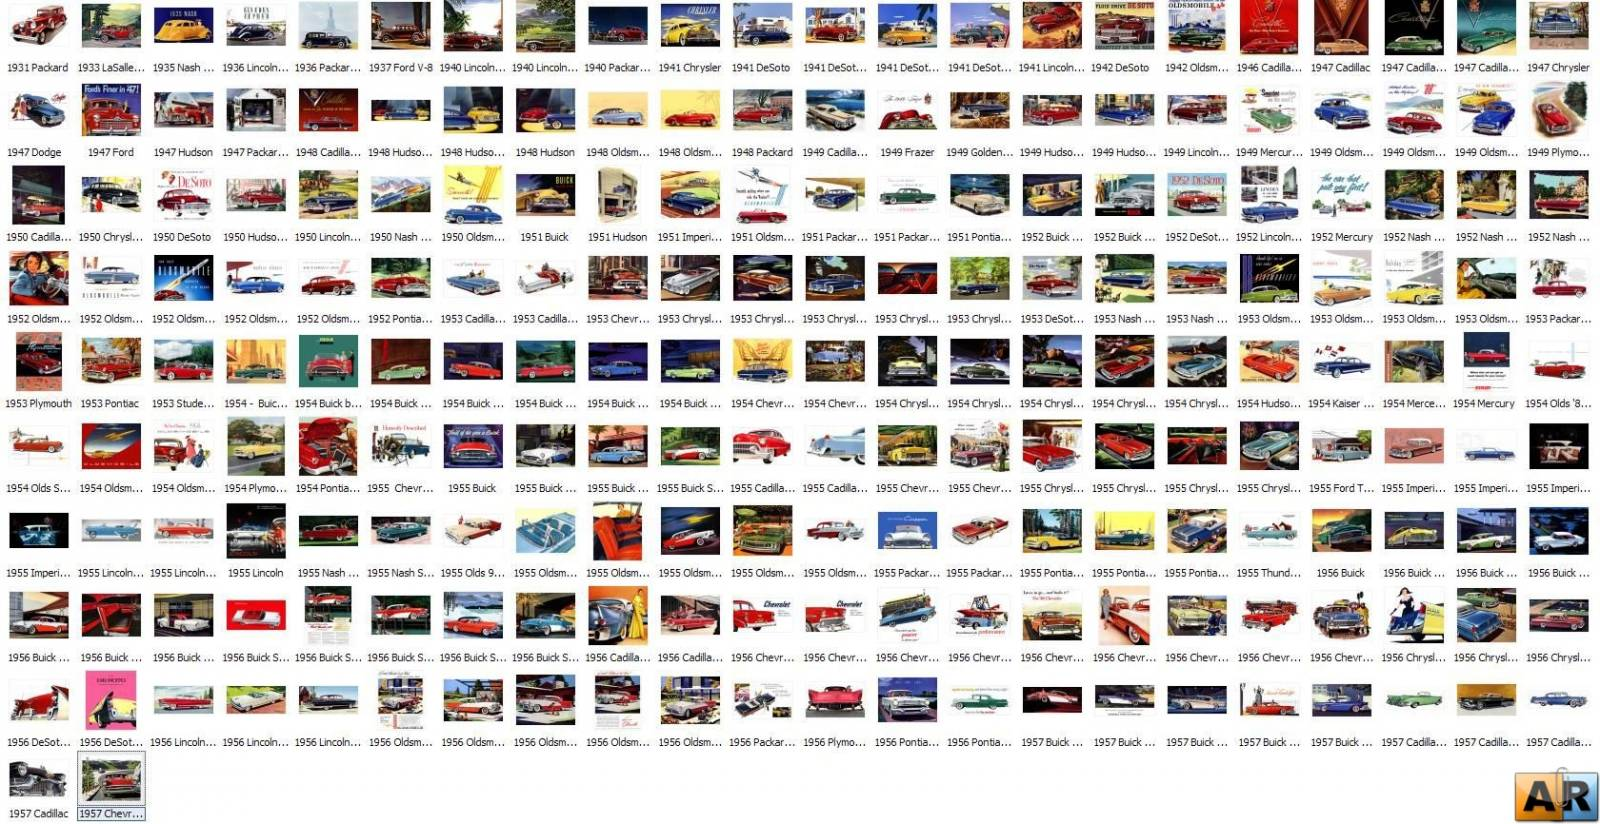 Значки Машин И Их Названия Фото 858adea444e68